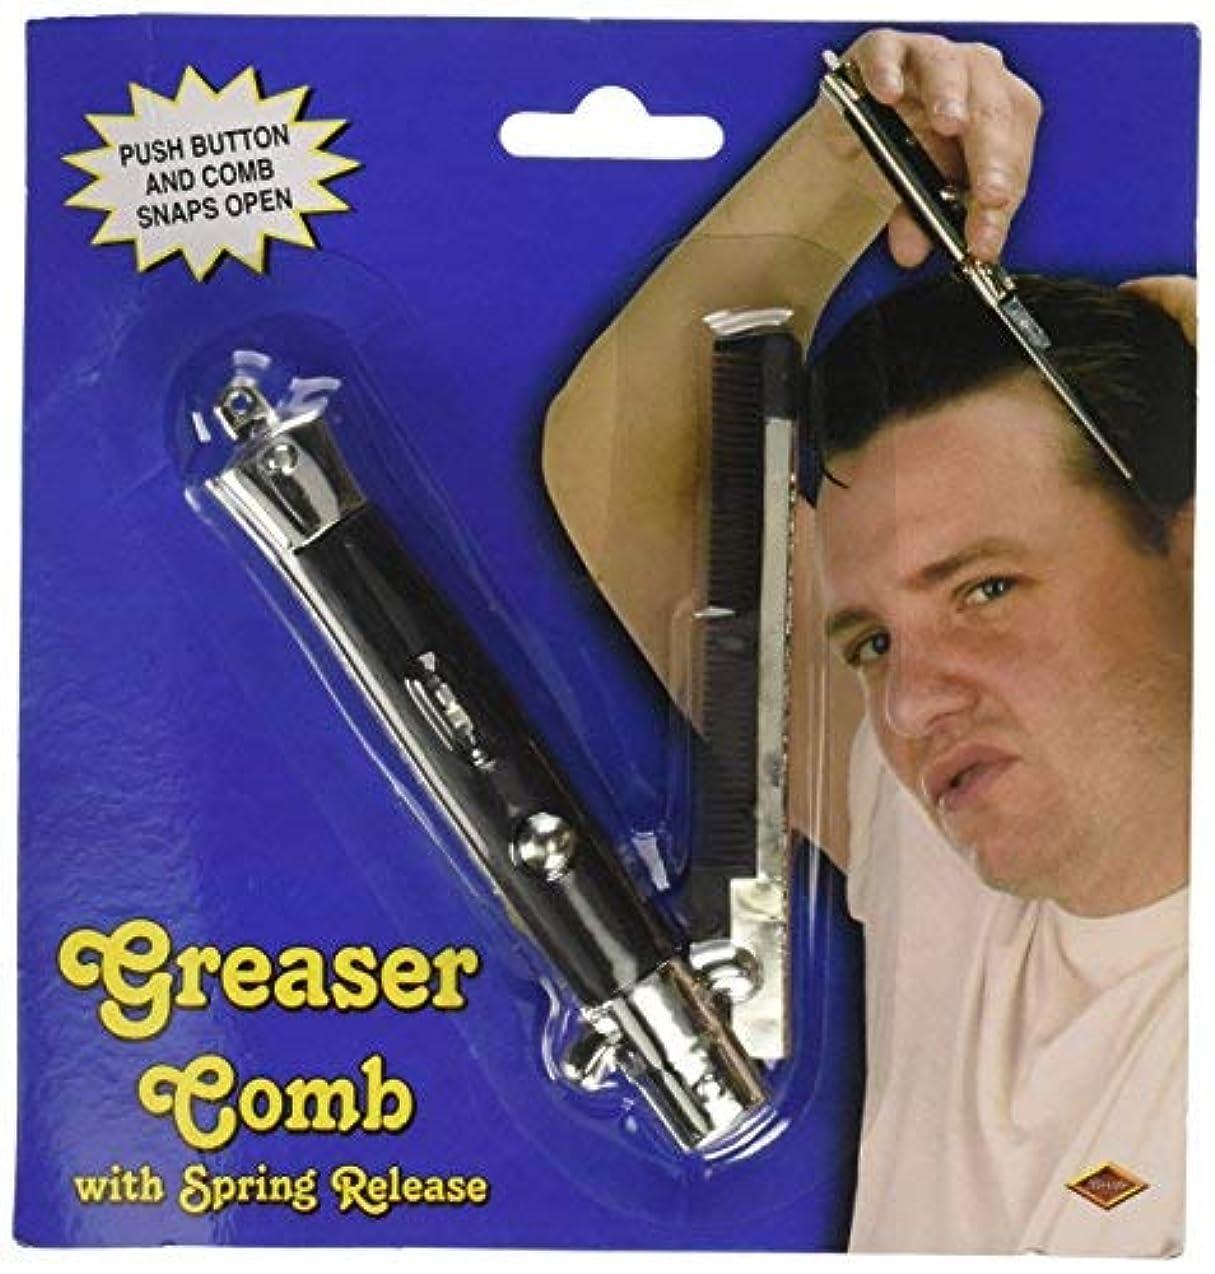 釈義バッジ偽装するGreaser Comb Party Accessory (1 count) (1/Pkg) [並行輸入品]